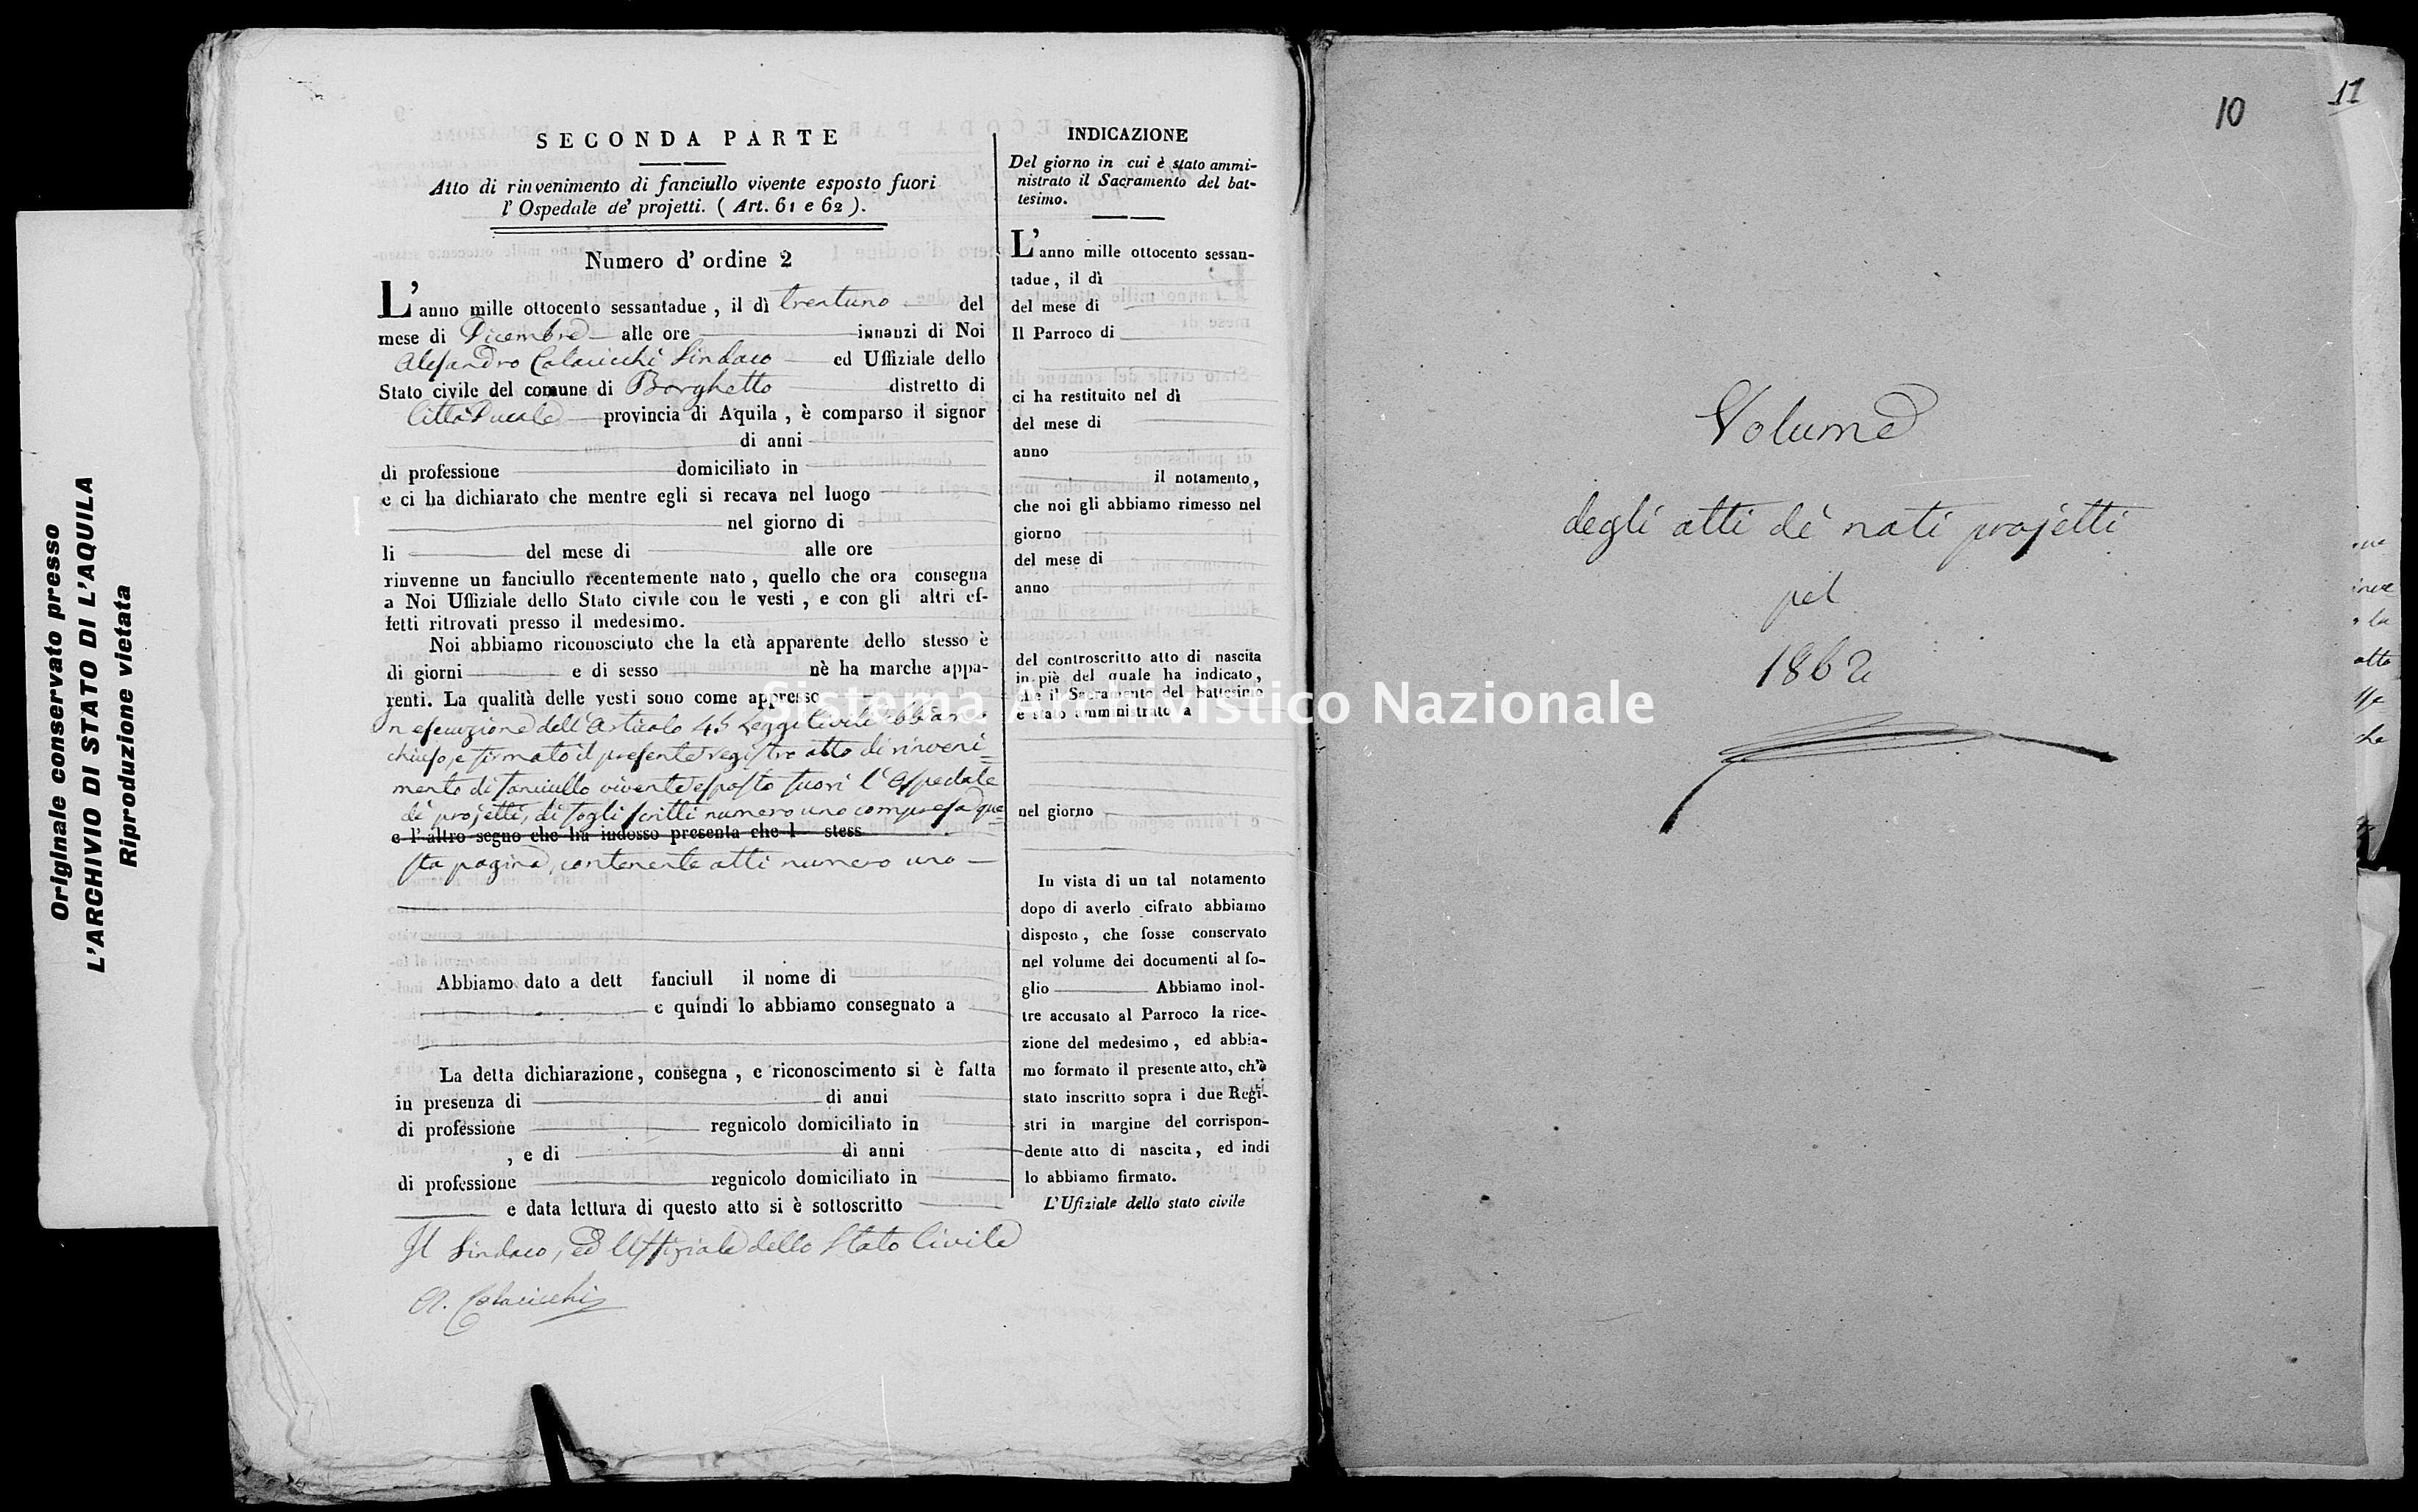 Archivio di stato di L'aquila - Stato civile italiano - Borgo Velino - Nati, battesimi esposti - 1862 - 795 -